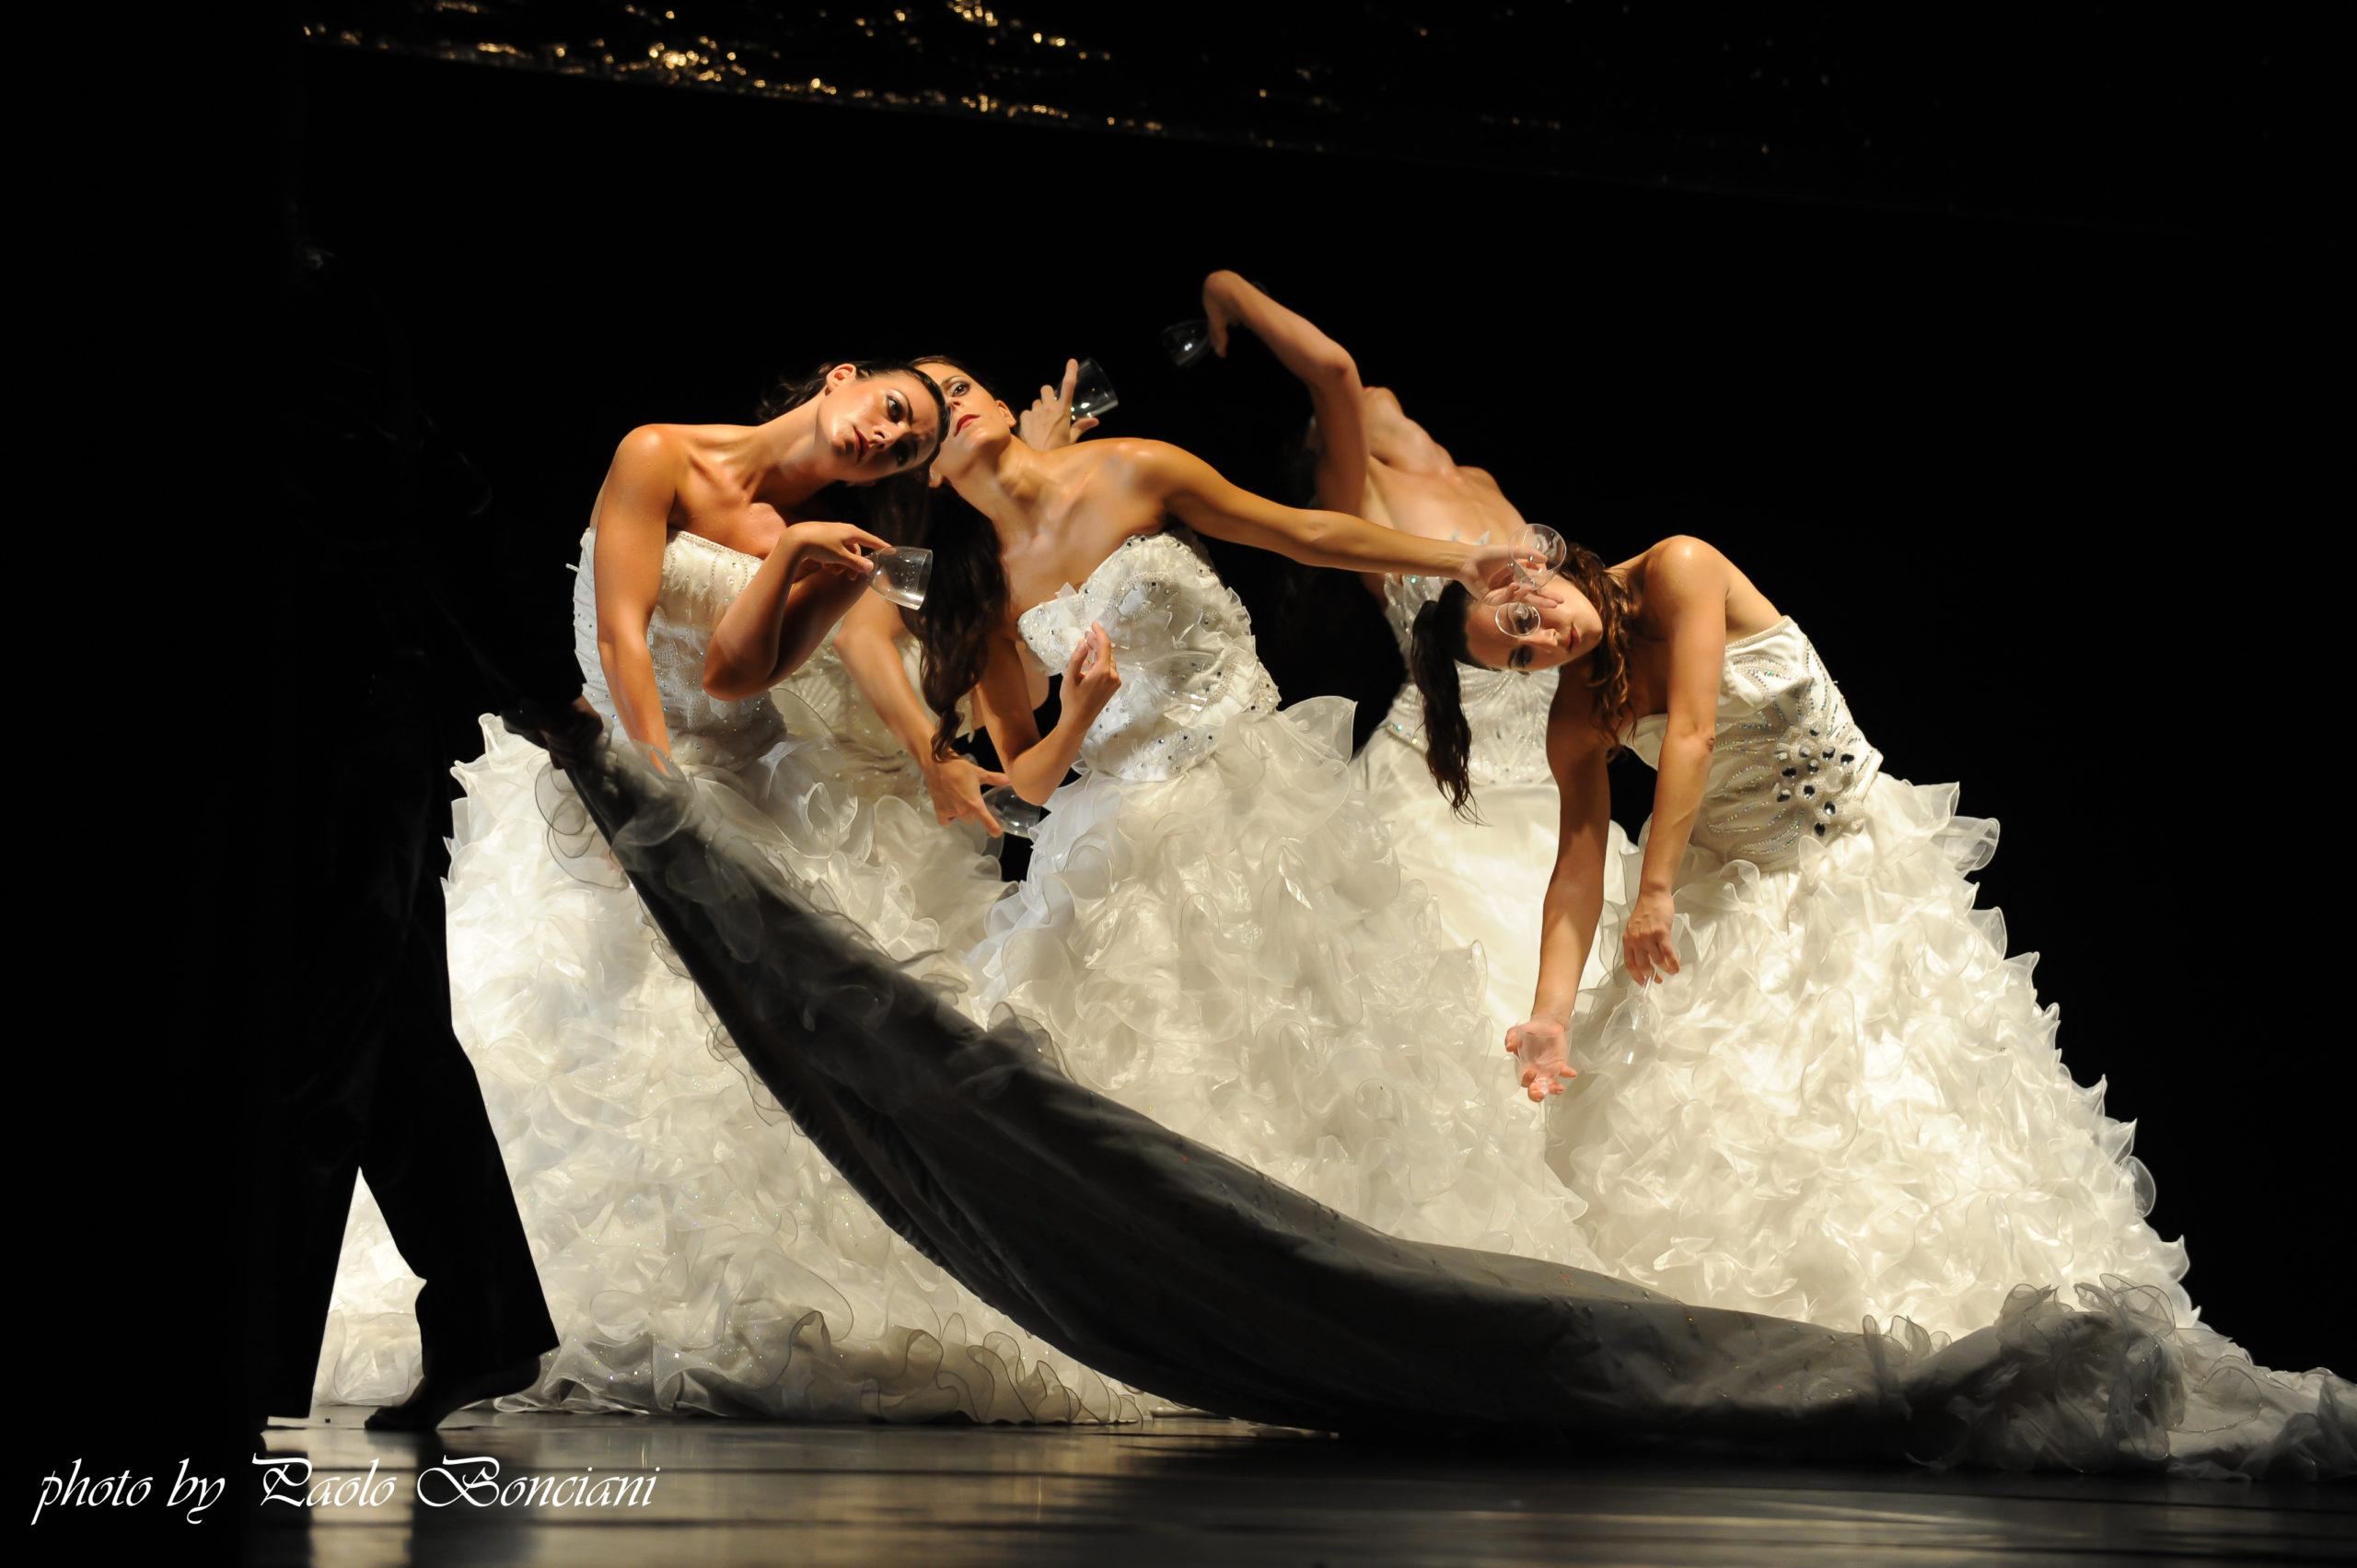 TRAVIATA, coreografie di Monica Casadei